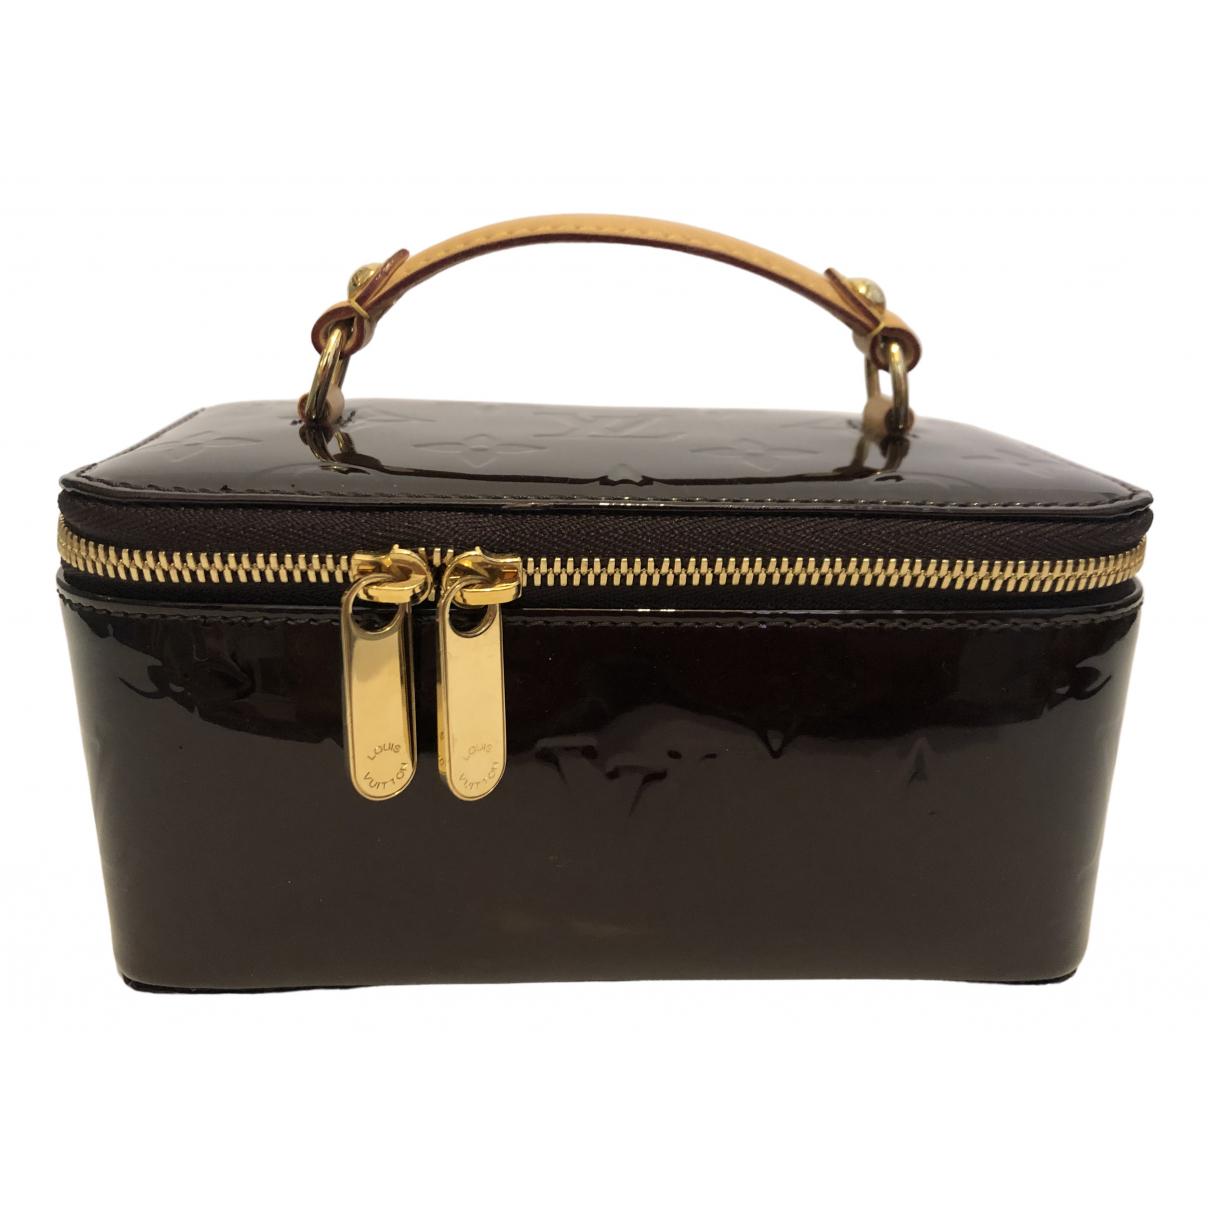 Louis Vuitton - Sac de voyage   pour femme en cuir verni - bordeaux